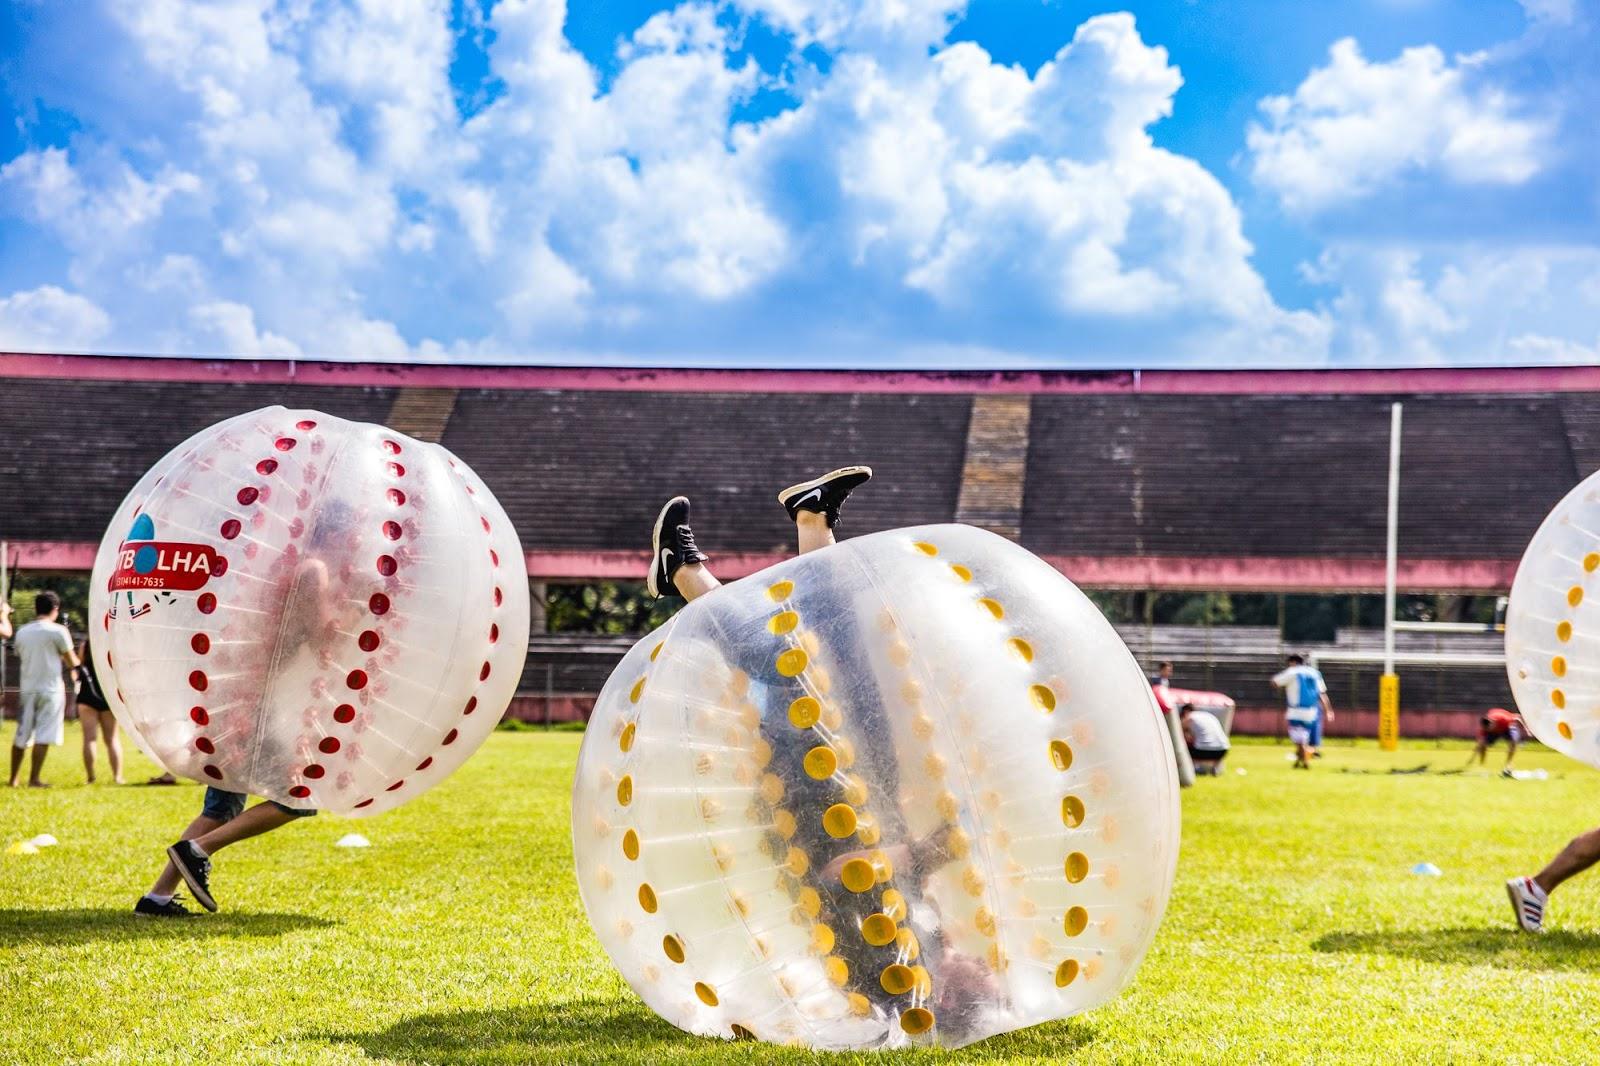 Muita diversão no futebol de bolha